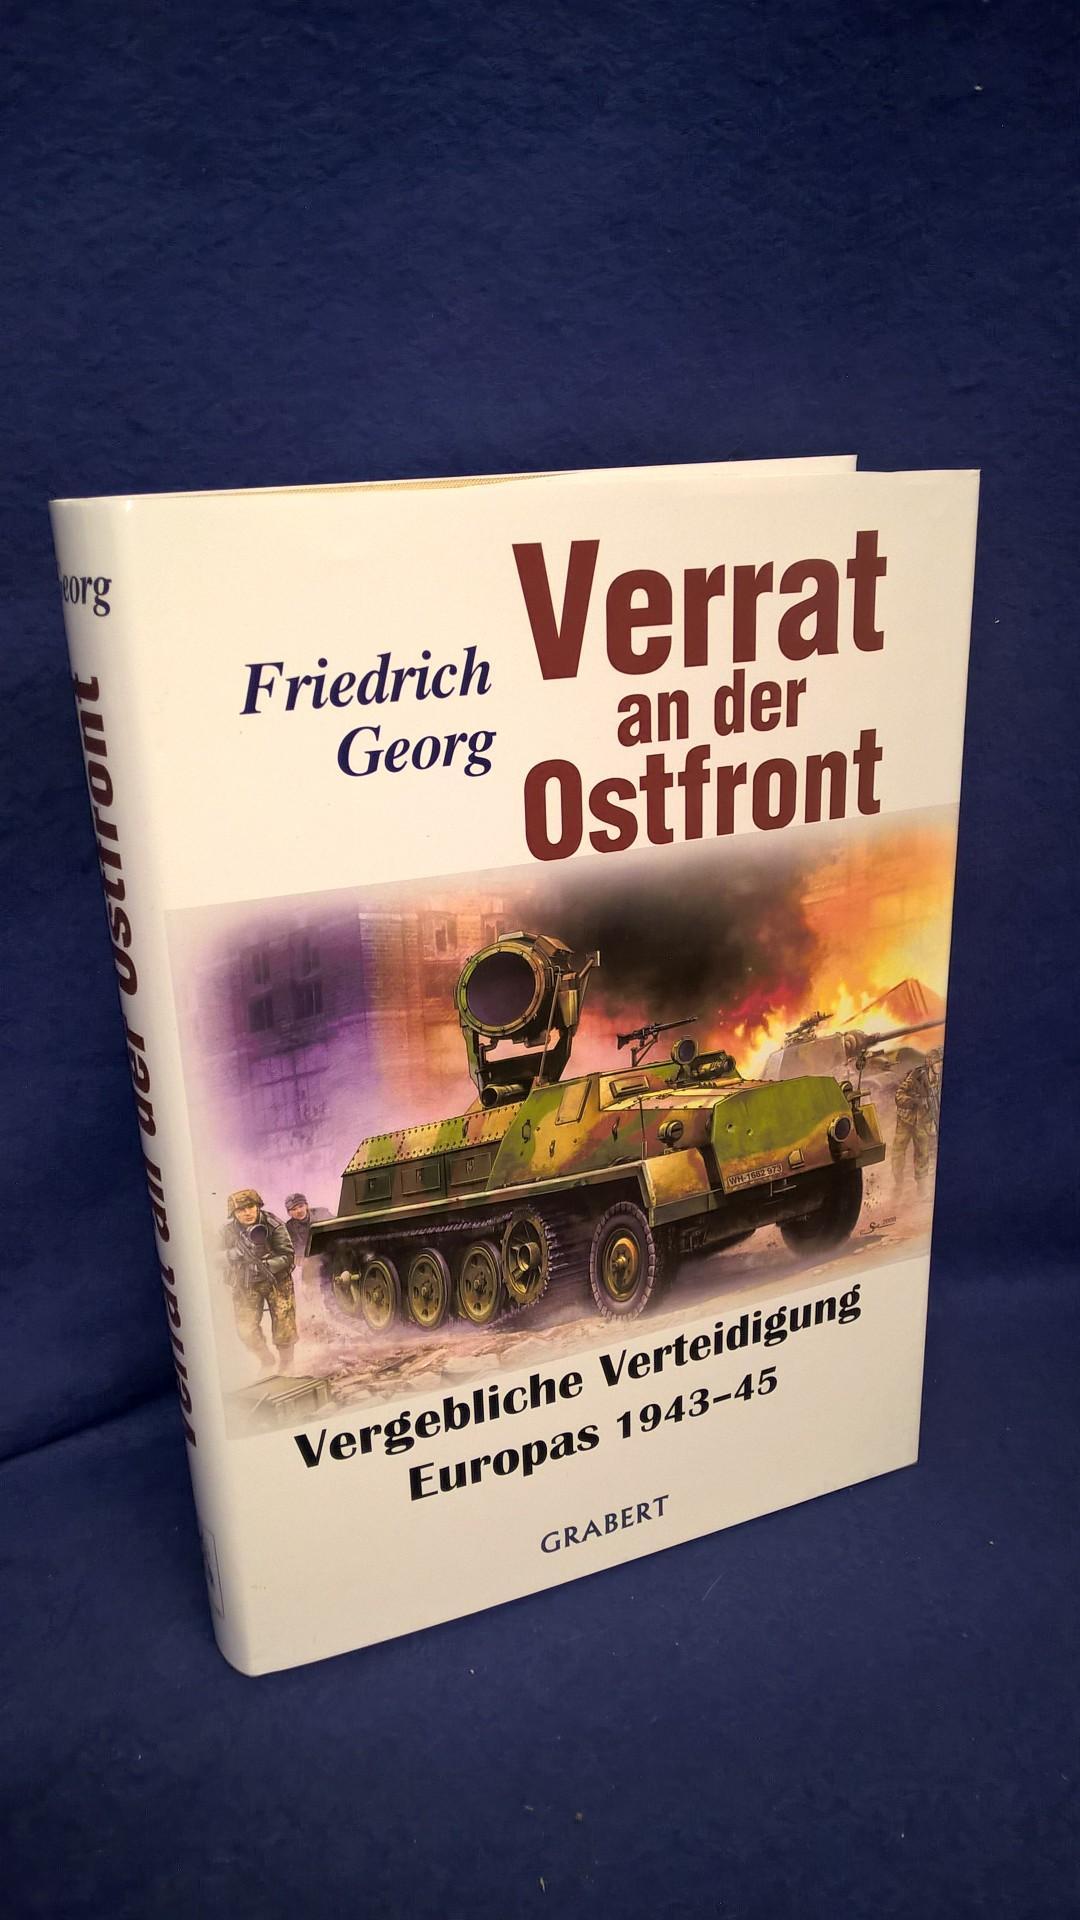 Verrat an der Ostfront - Vergebliche Verteidigung Europas 1943-45